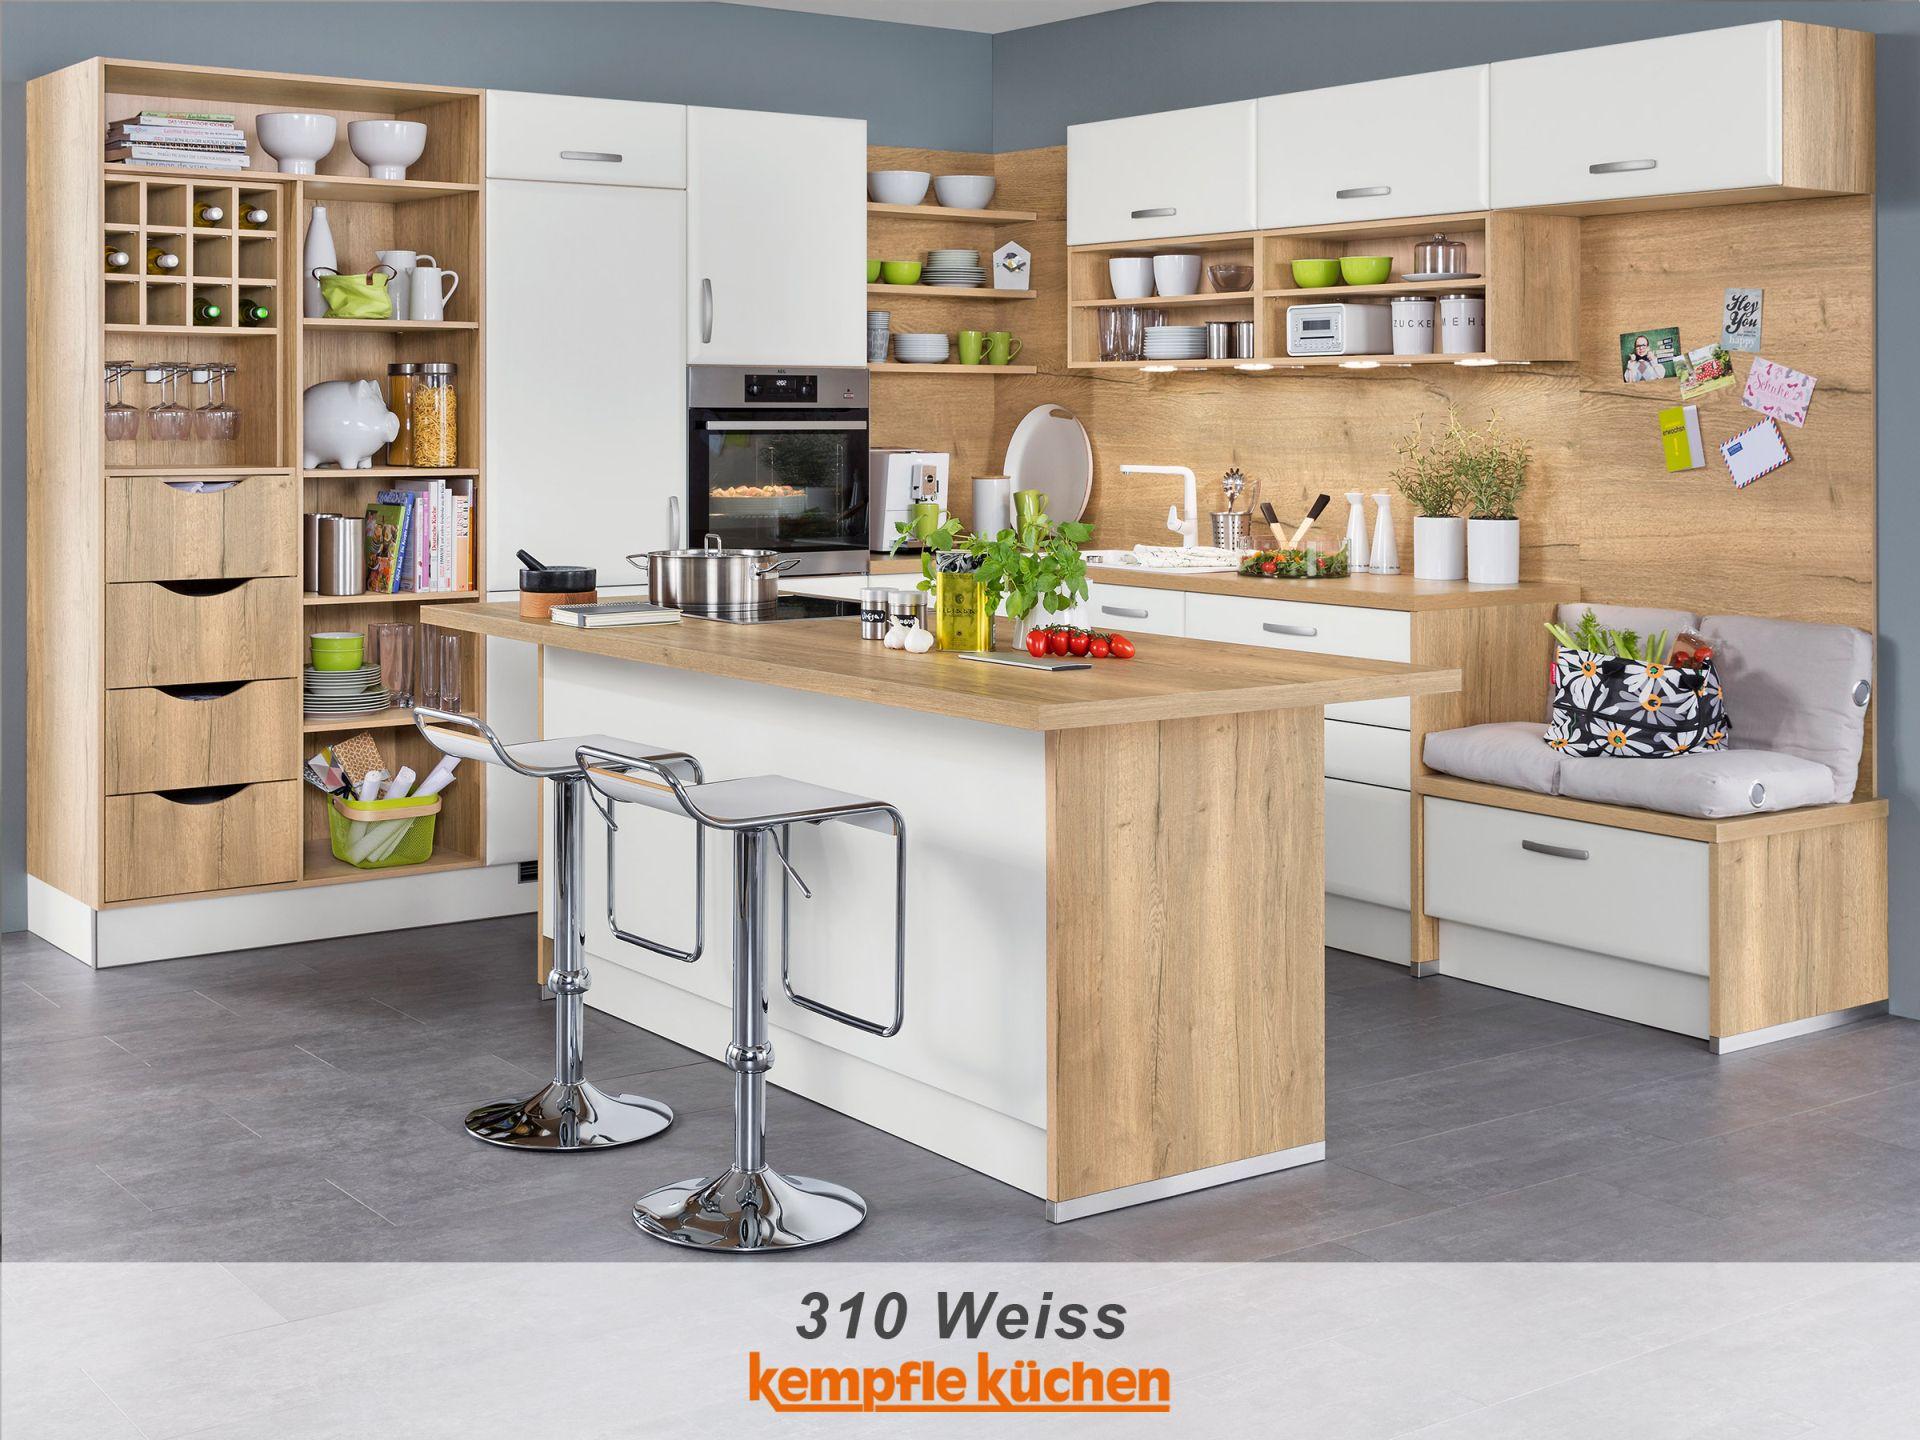 Kempfle Küchen Neuburg Bilder   NEUBURG.COM   Angebote zum Einkaufen in Neuburg